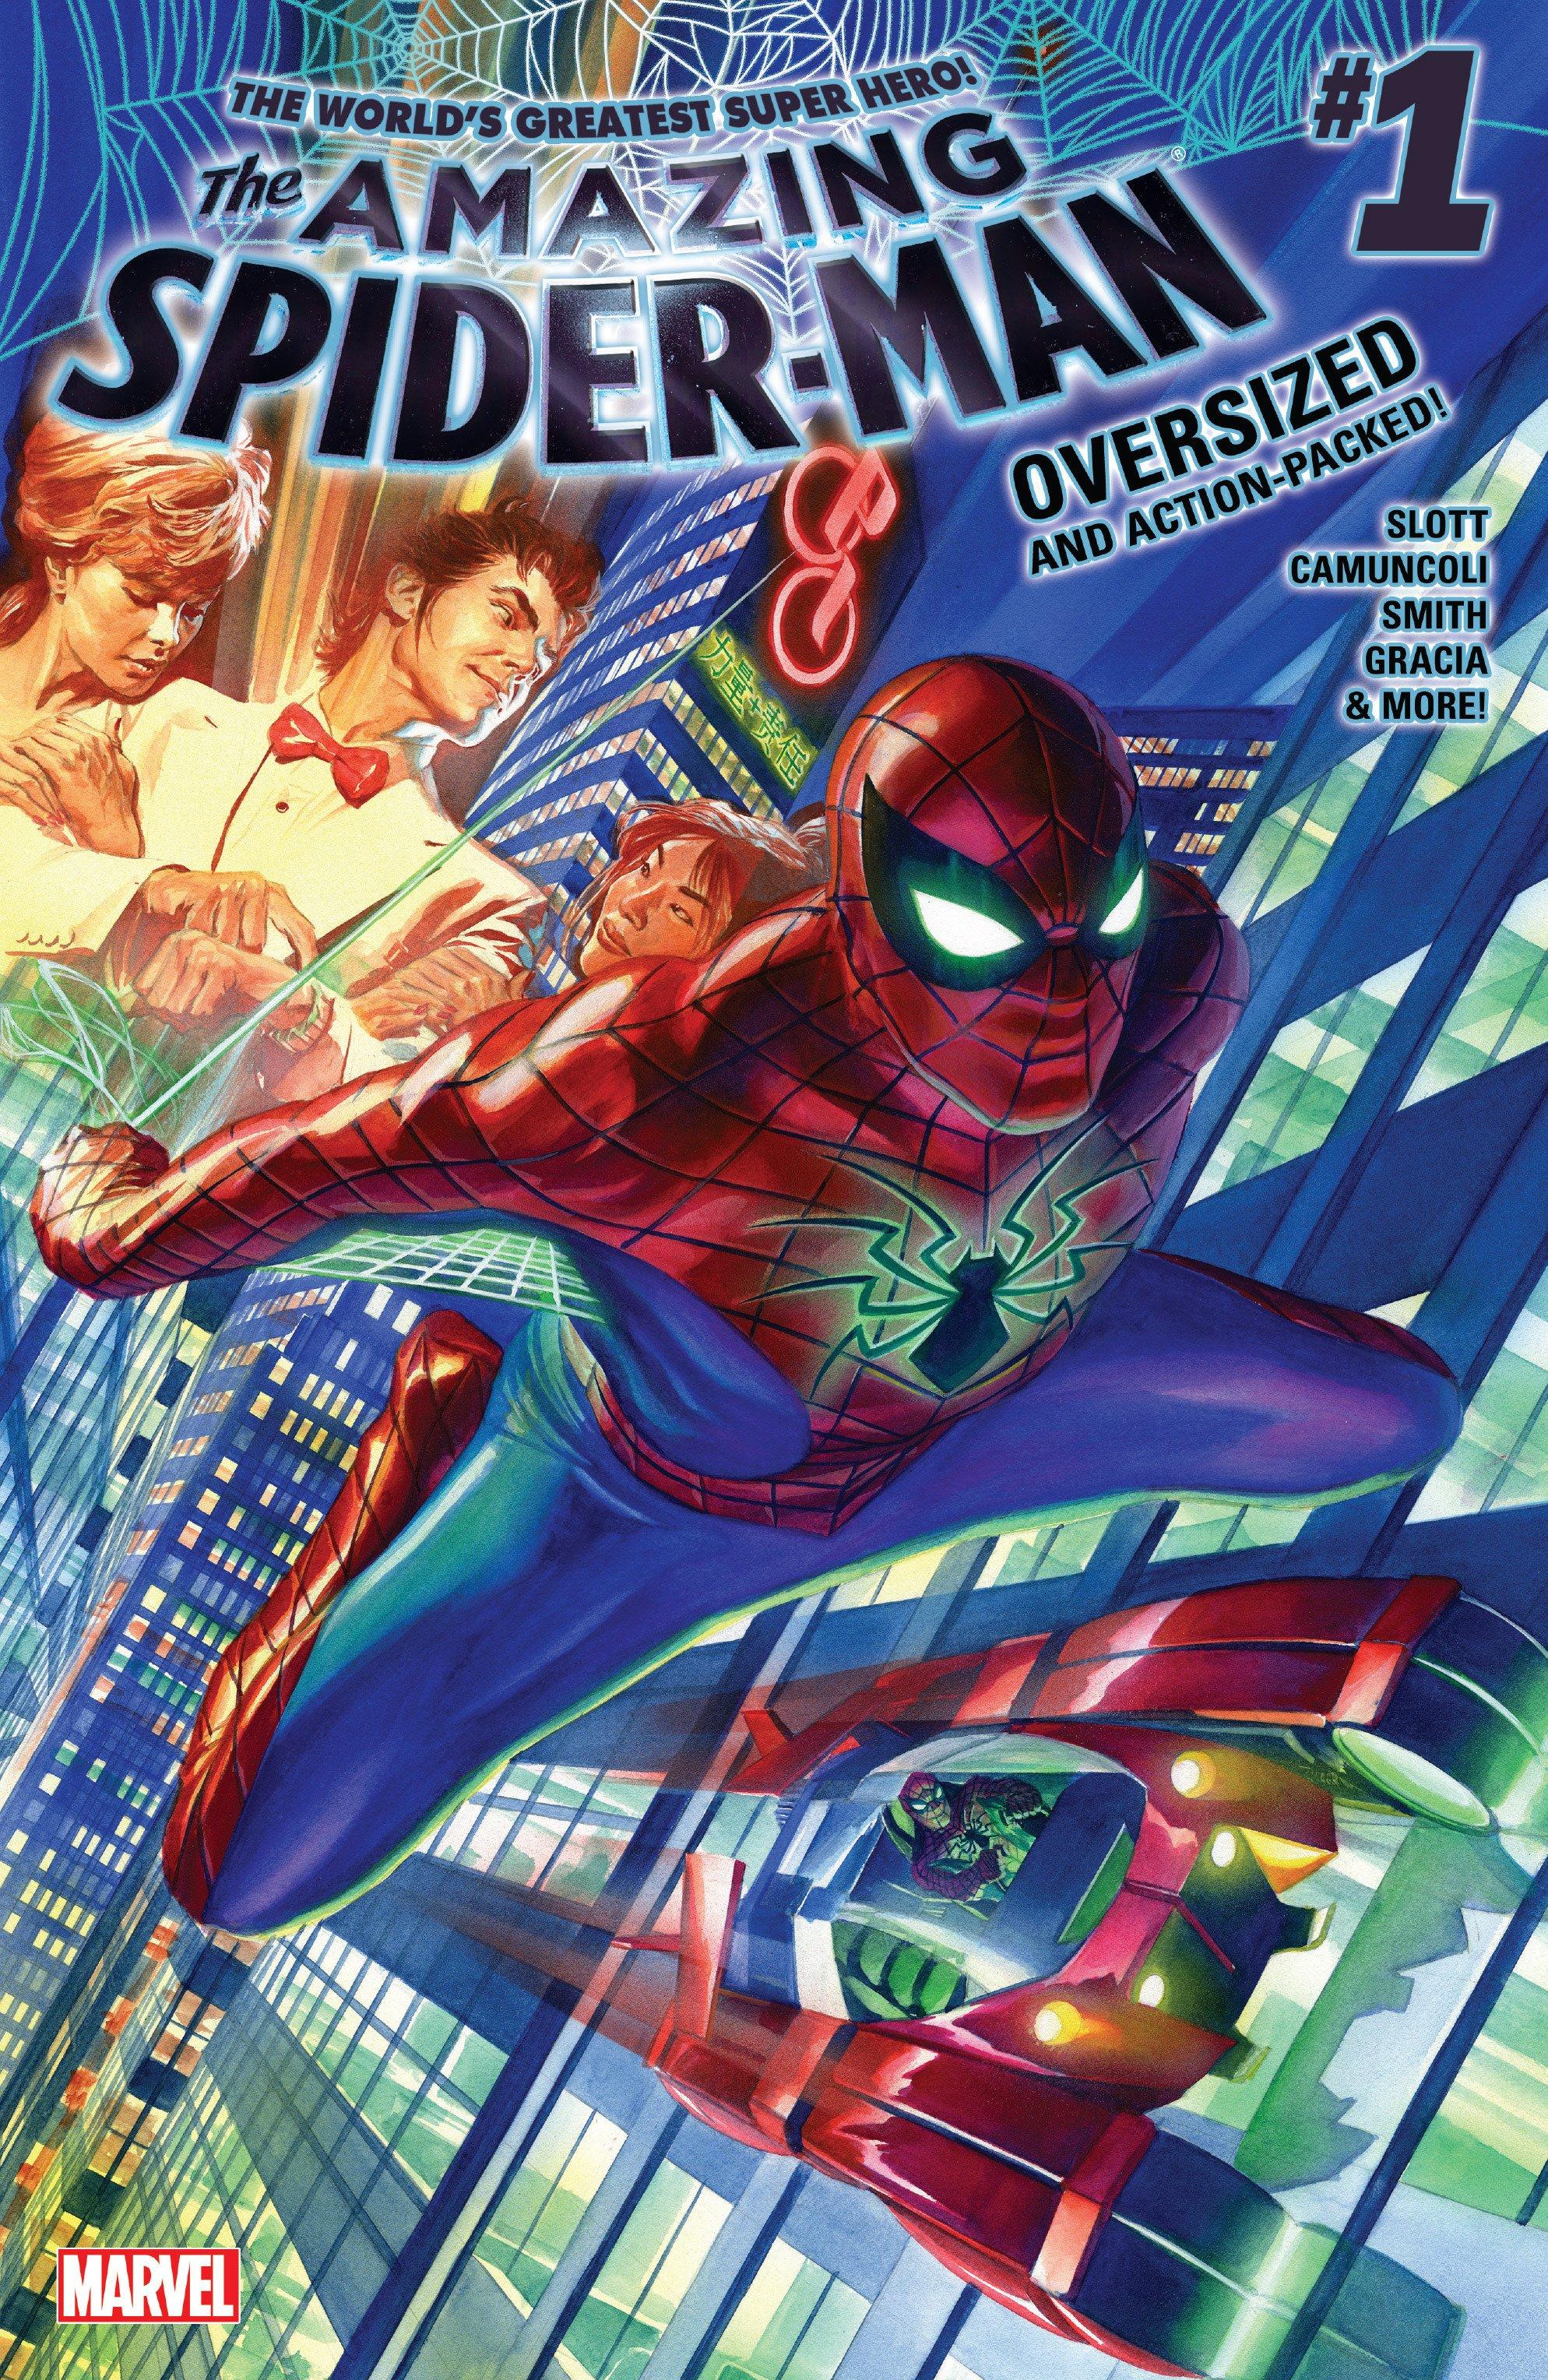 Обзор-мнение комиксов All-New All-Different Marvel, часть 2. - Изображение 2